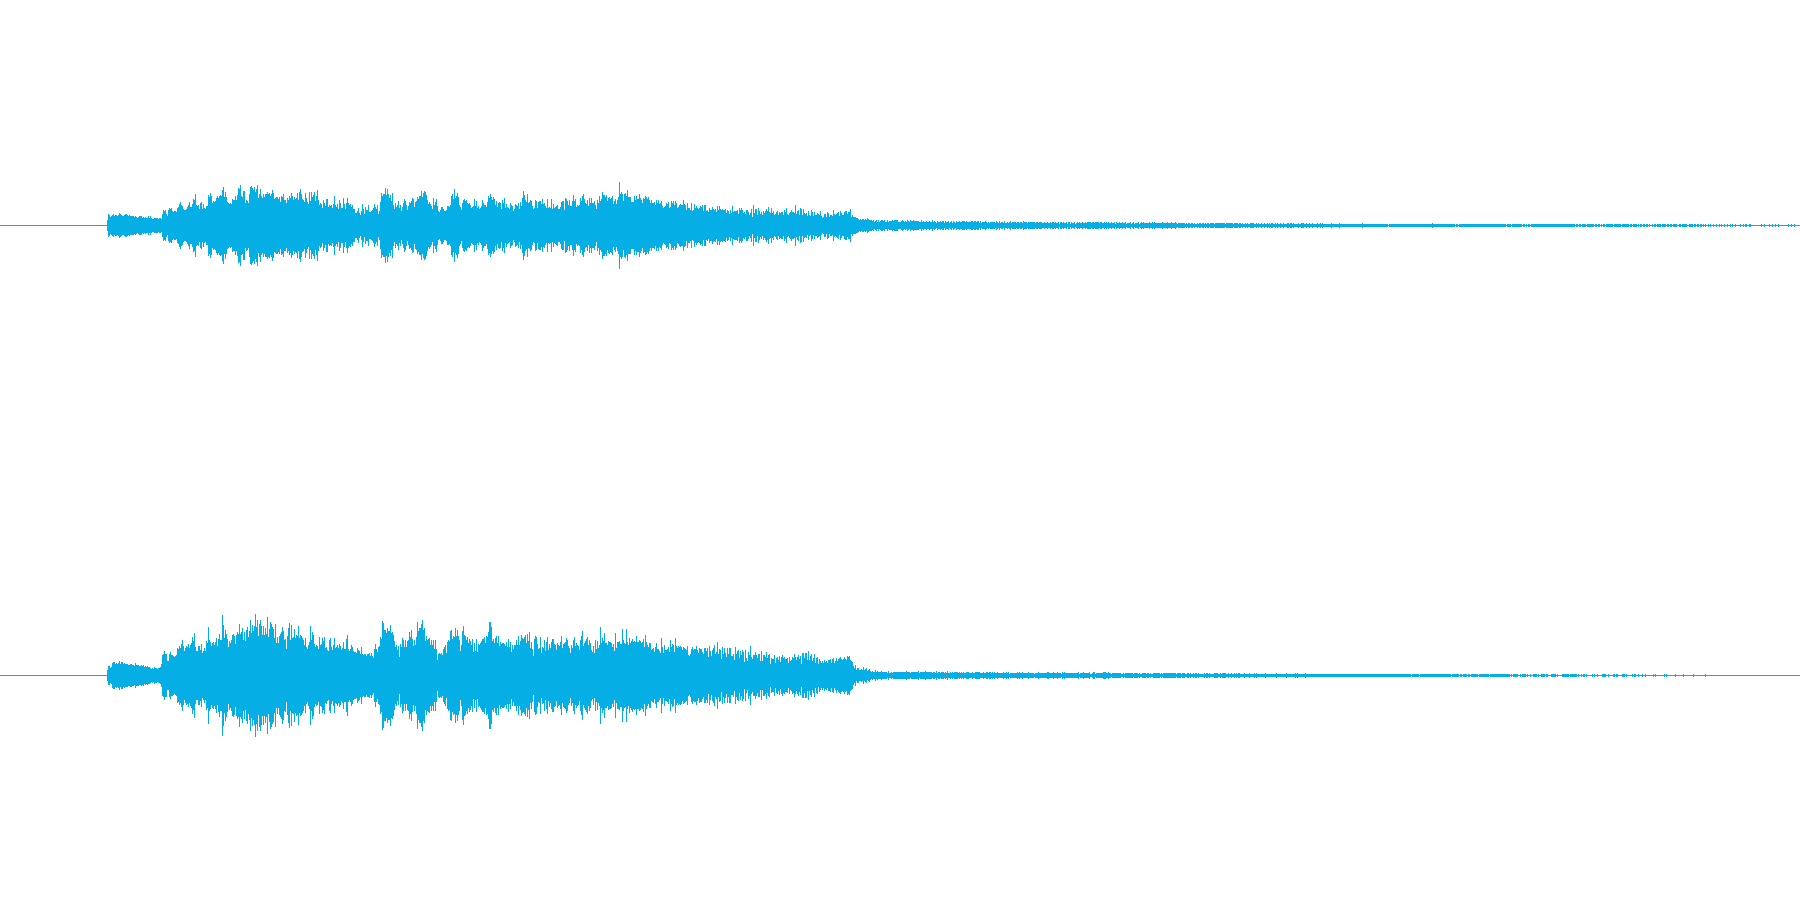 キラキラしたしぼむ音の再生済みの波形